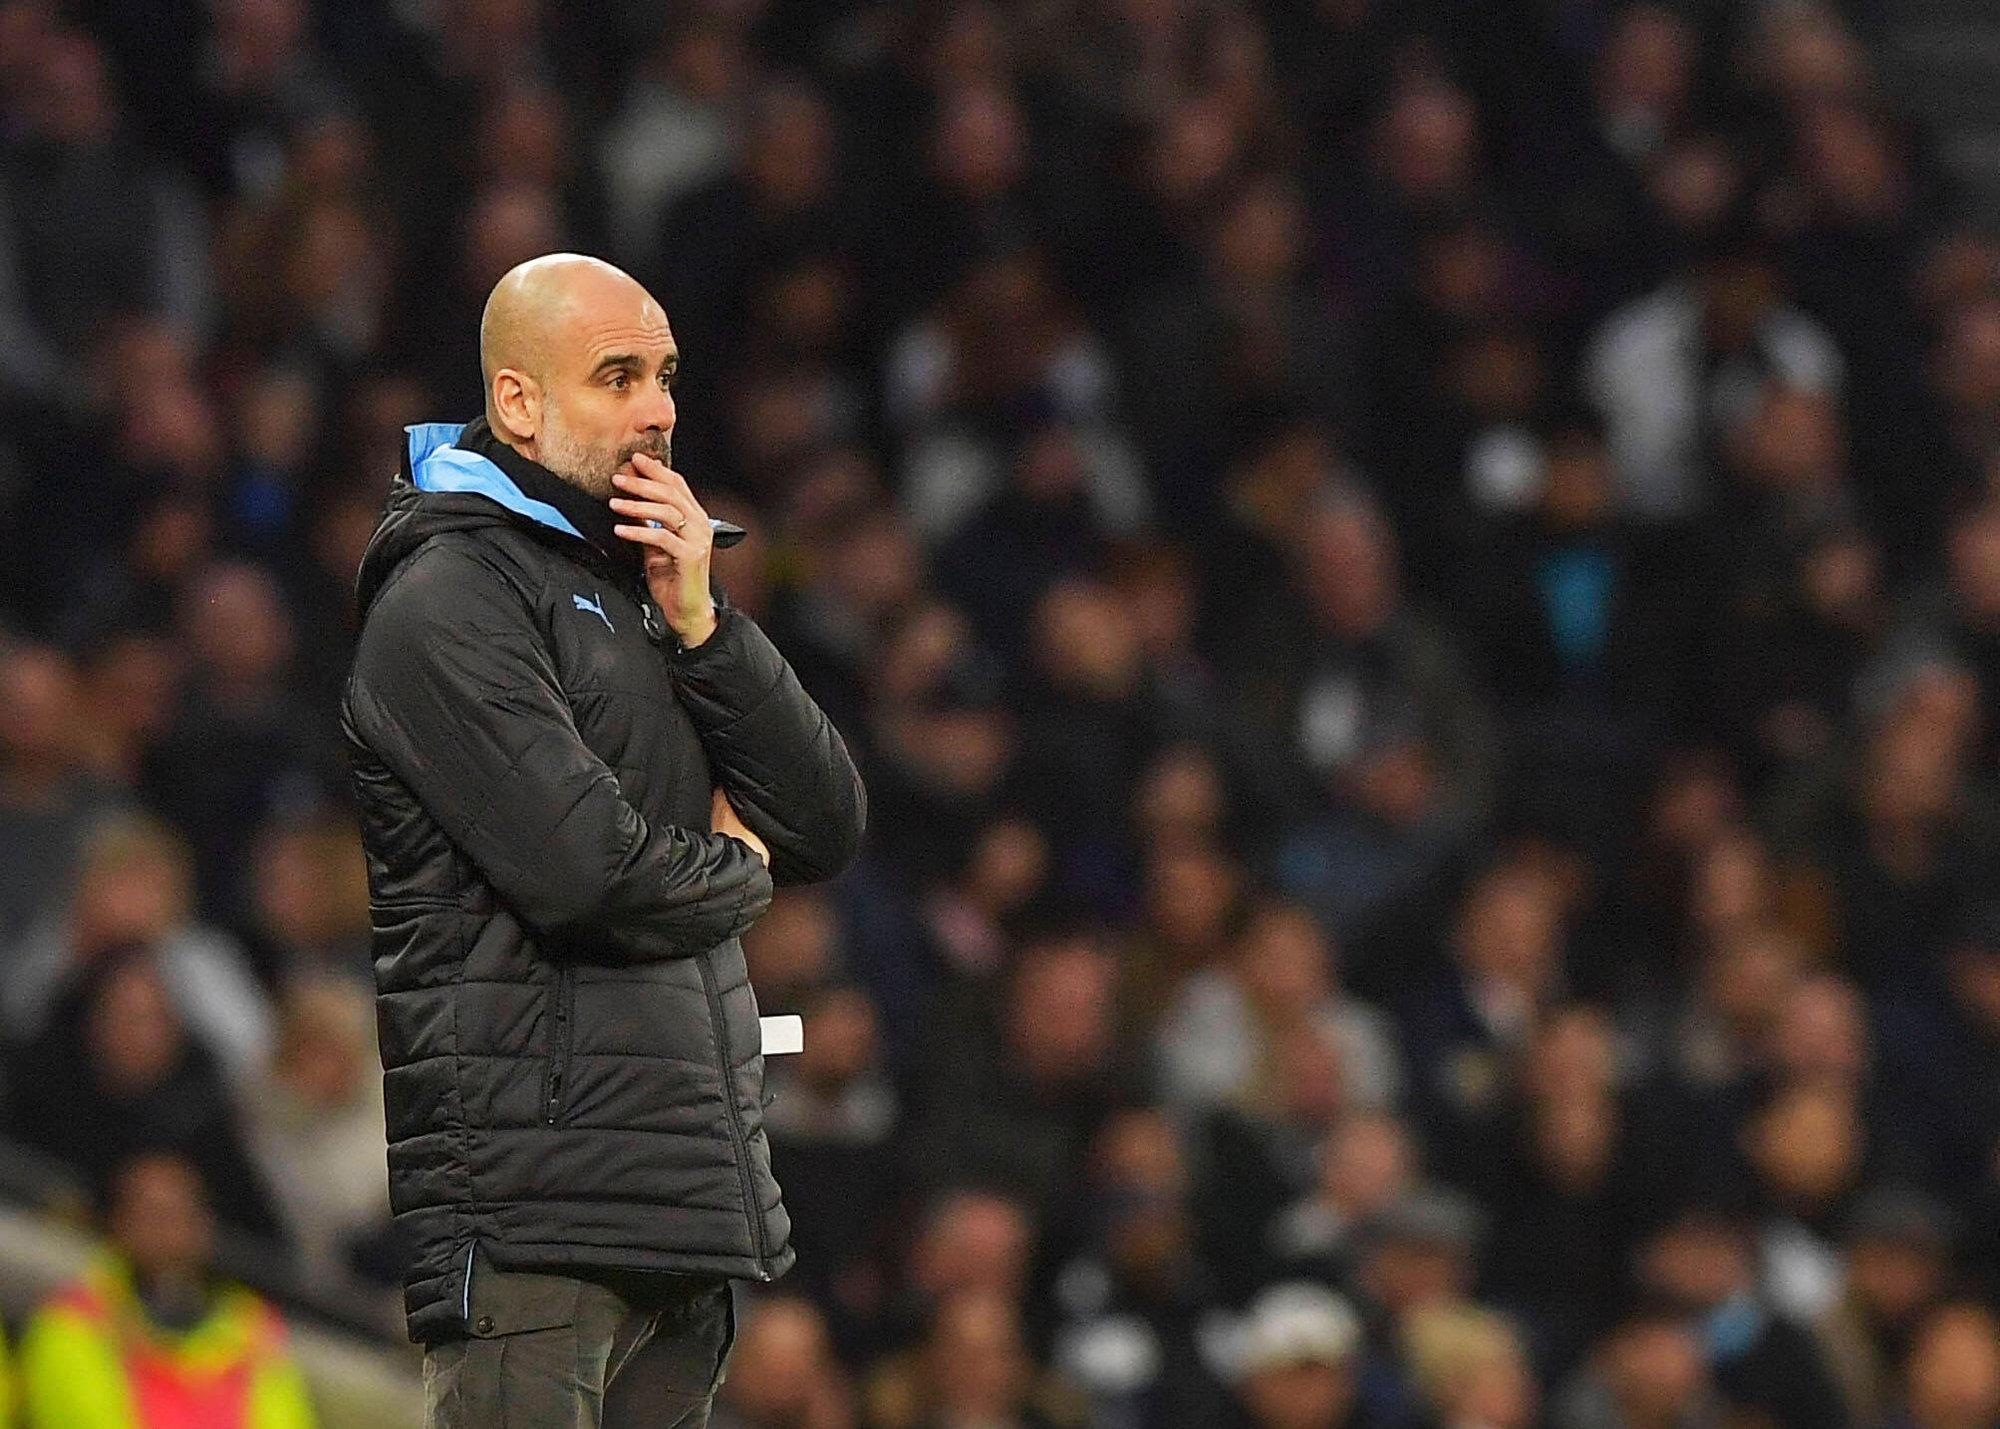 Казнить нельзя помиловать. Допустят ли «Манчестер Сити» до Лиги чемпионов?